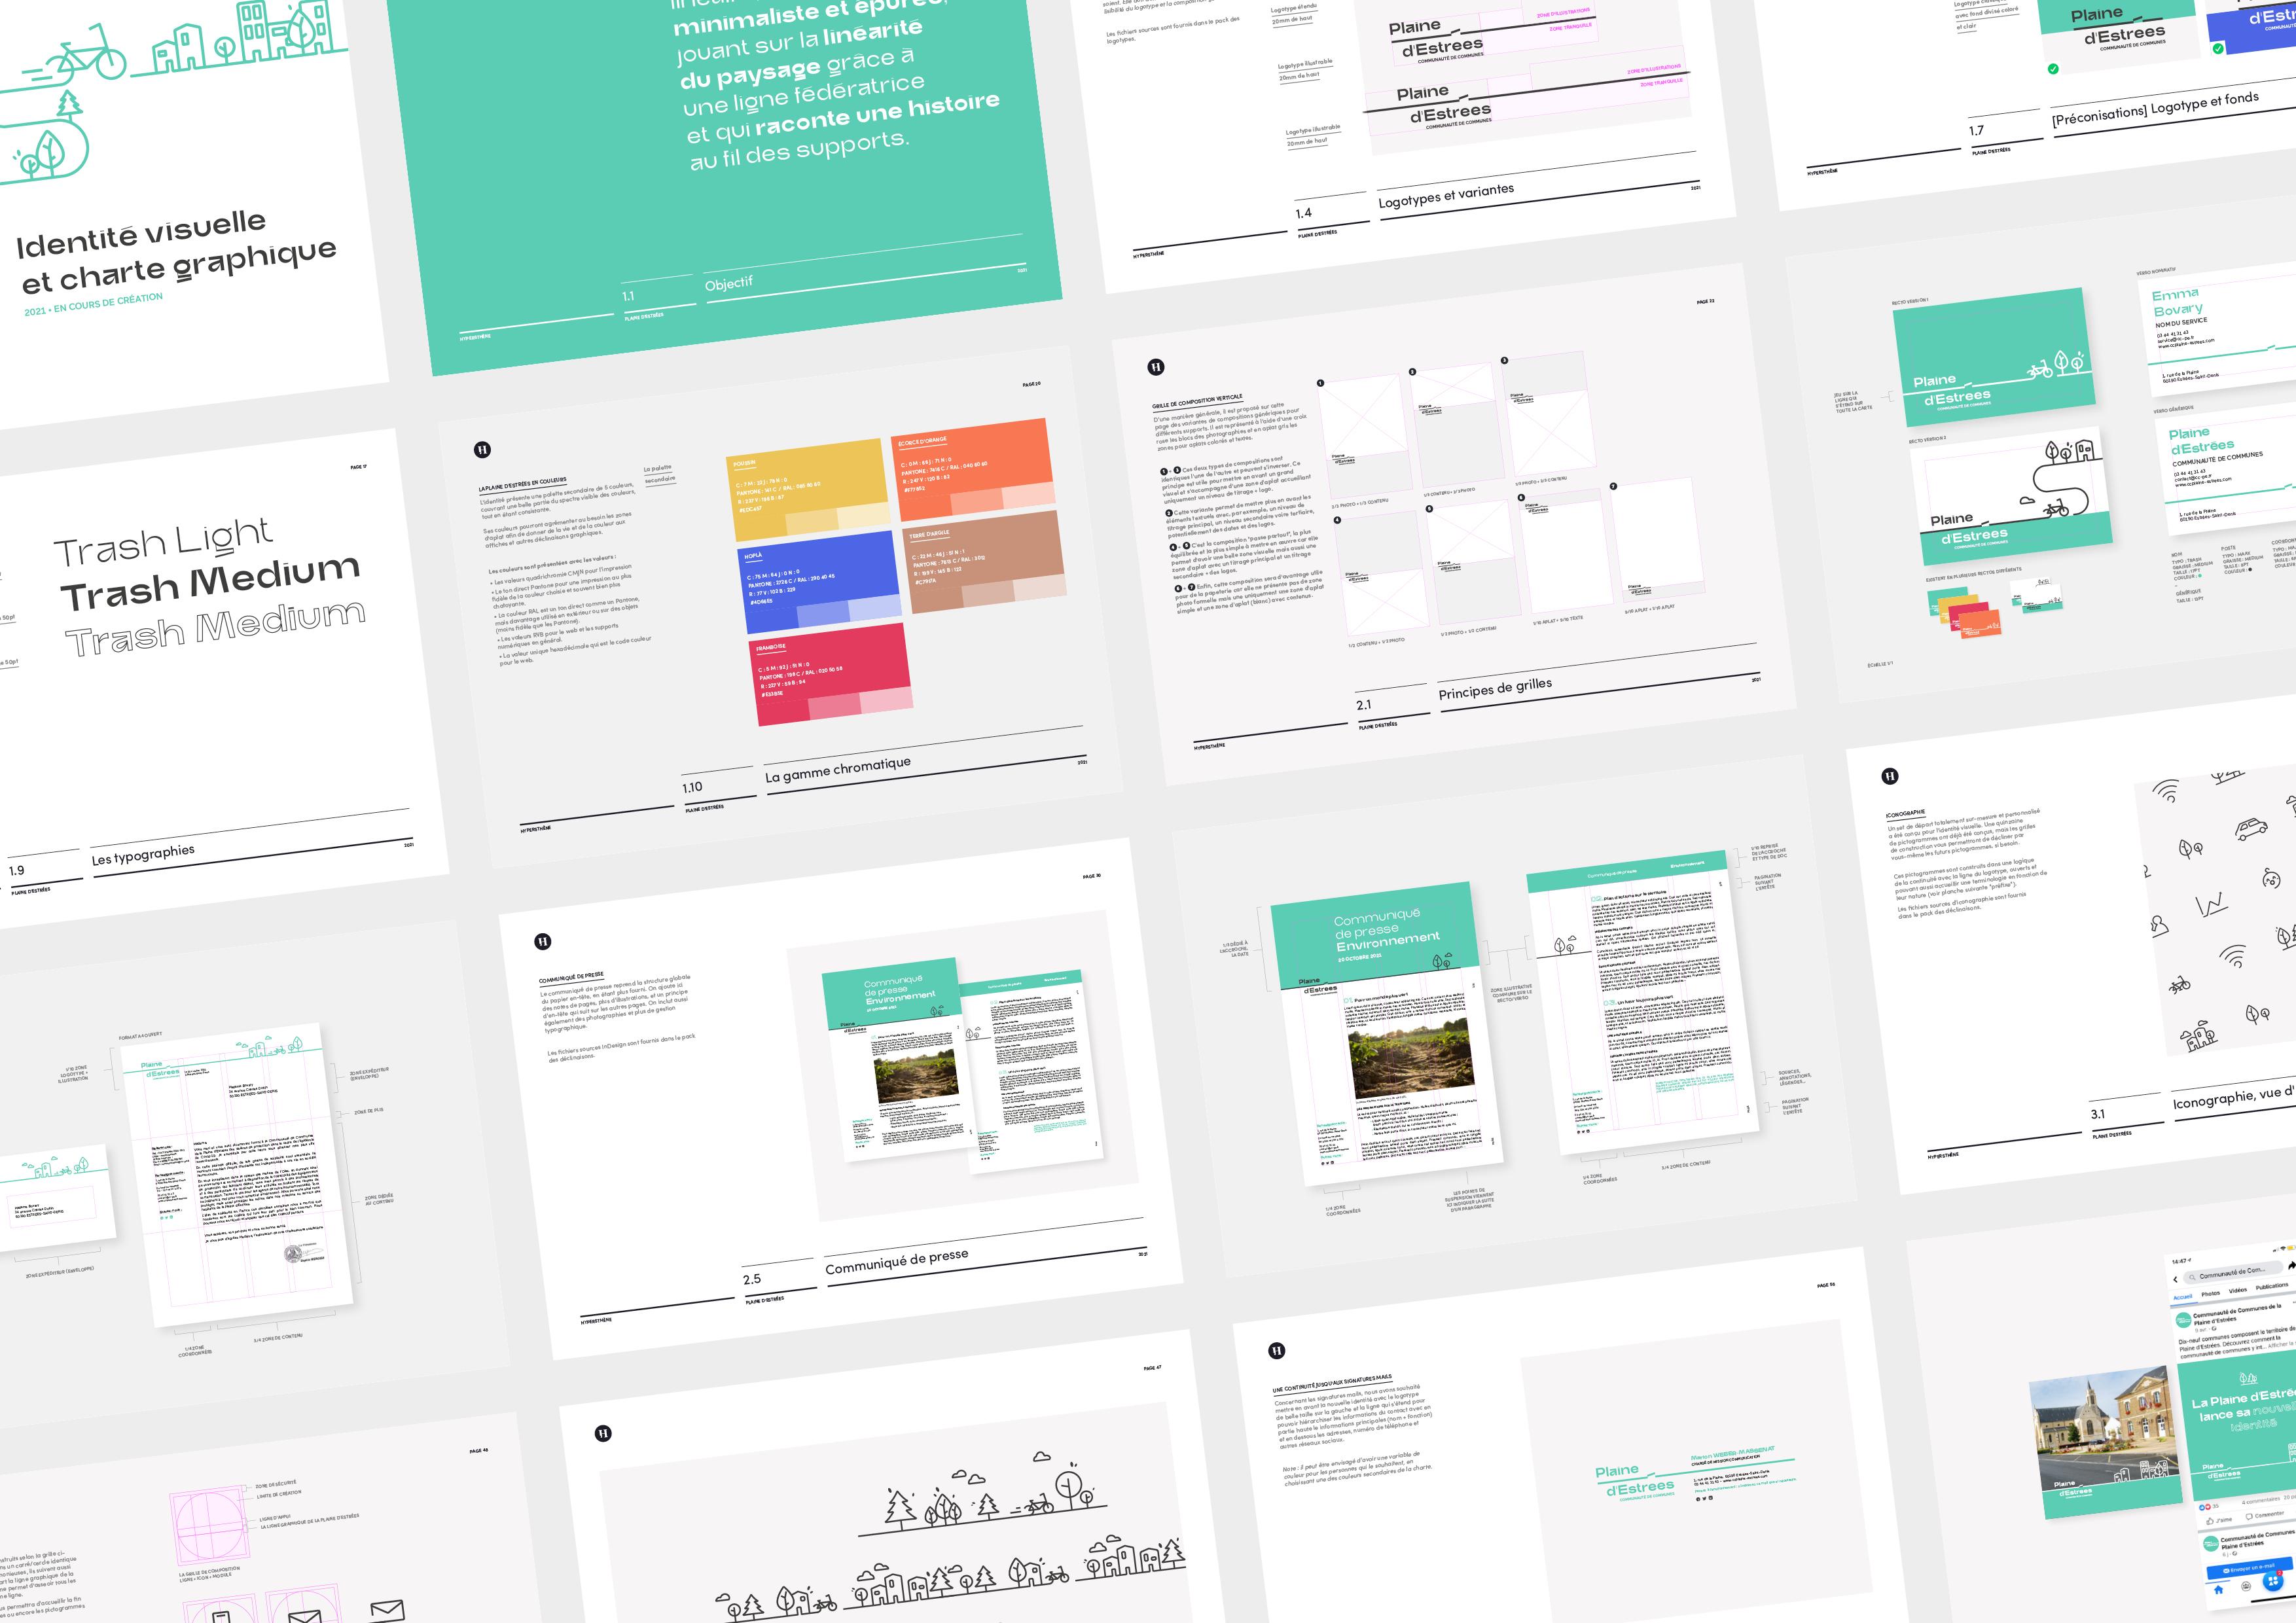 Charte Graphique Plaine d'Estrees identité visuelle 12